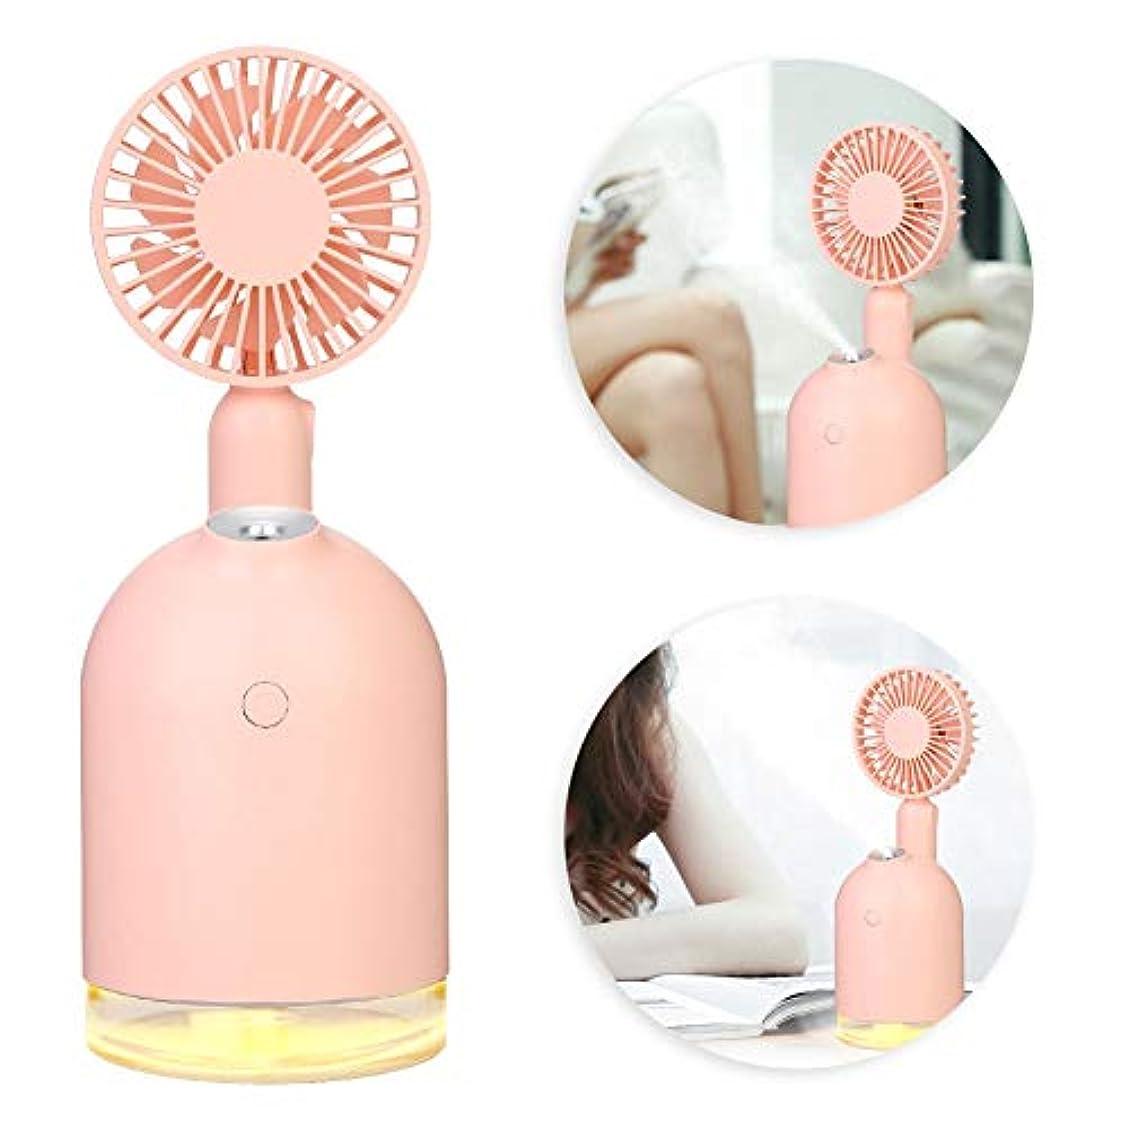 唇どこでもサイズ夜間照明付きポータブルミニ加湿器取り外し可能ファン、USB充電(ピンク)